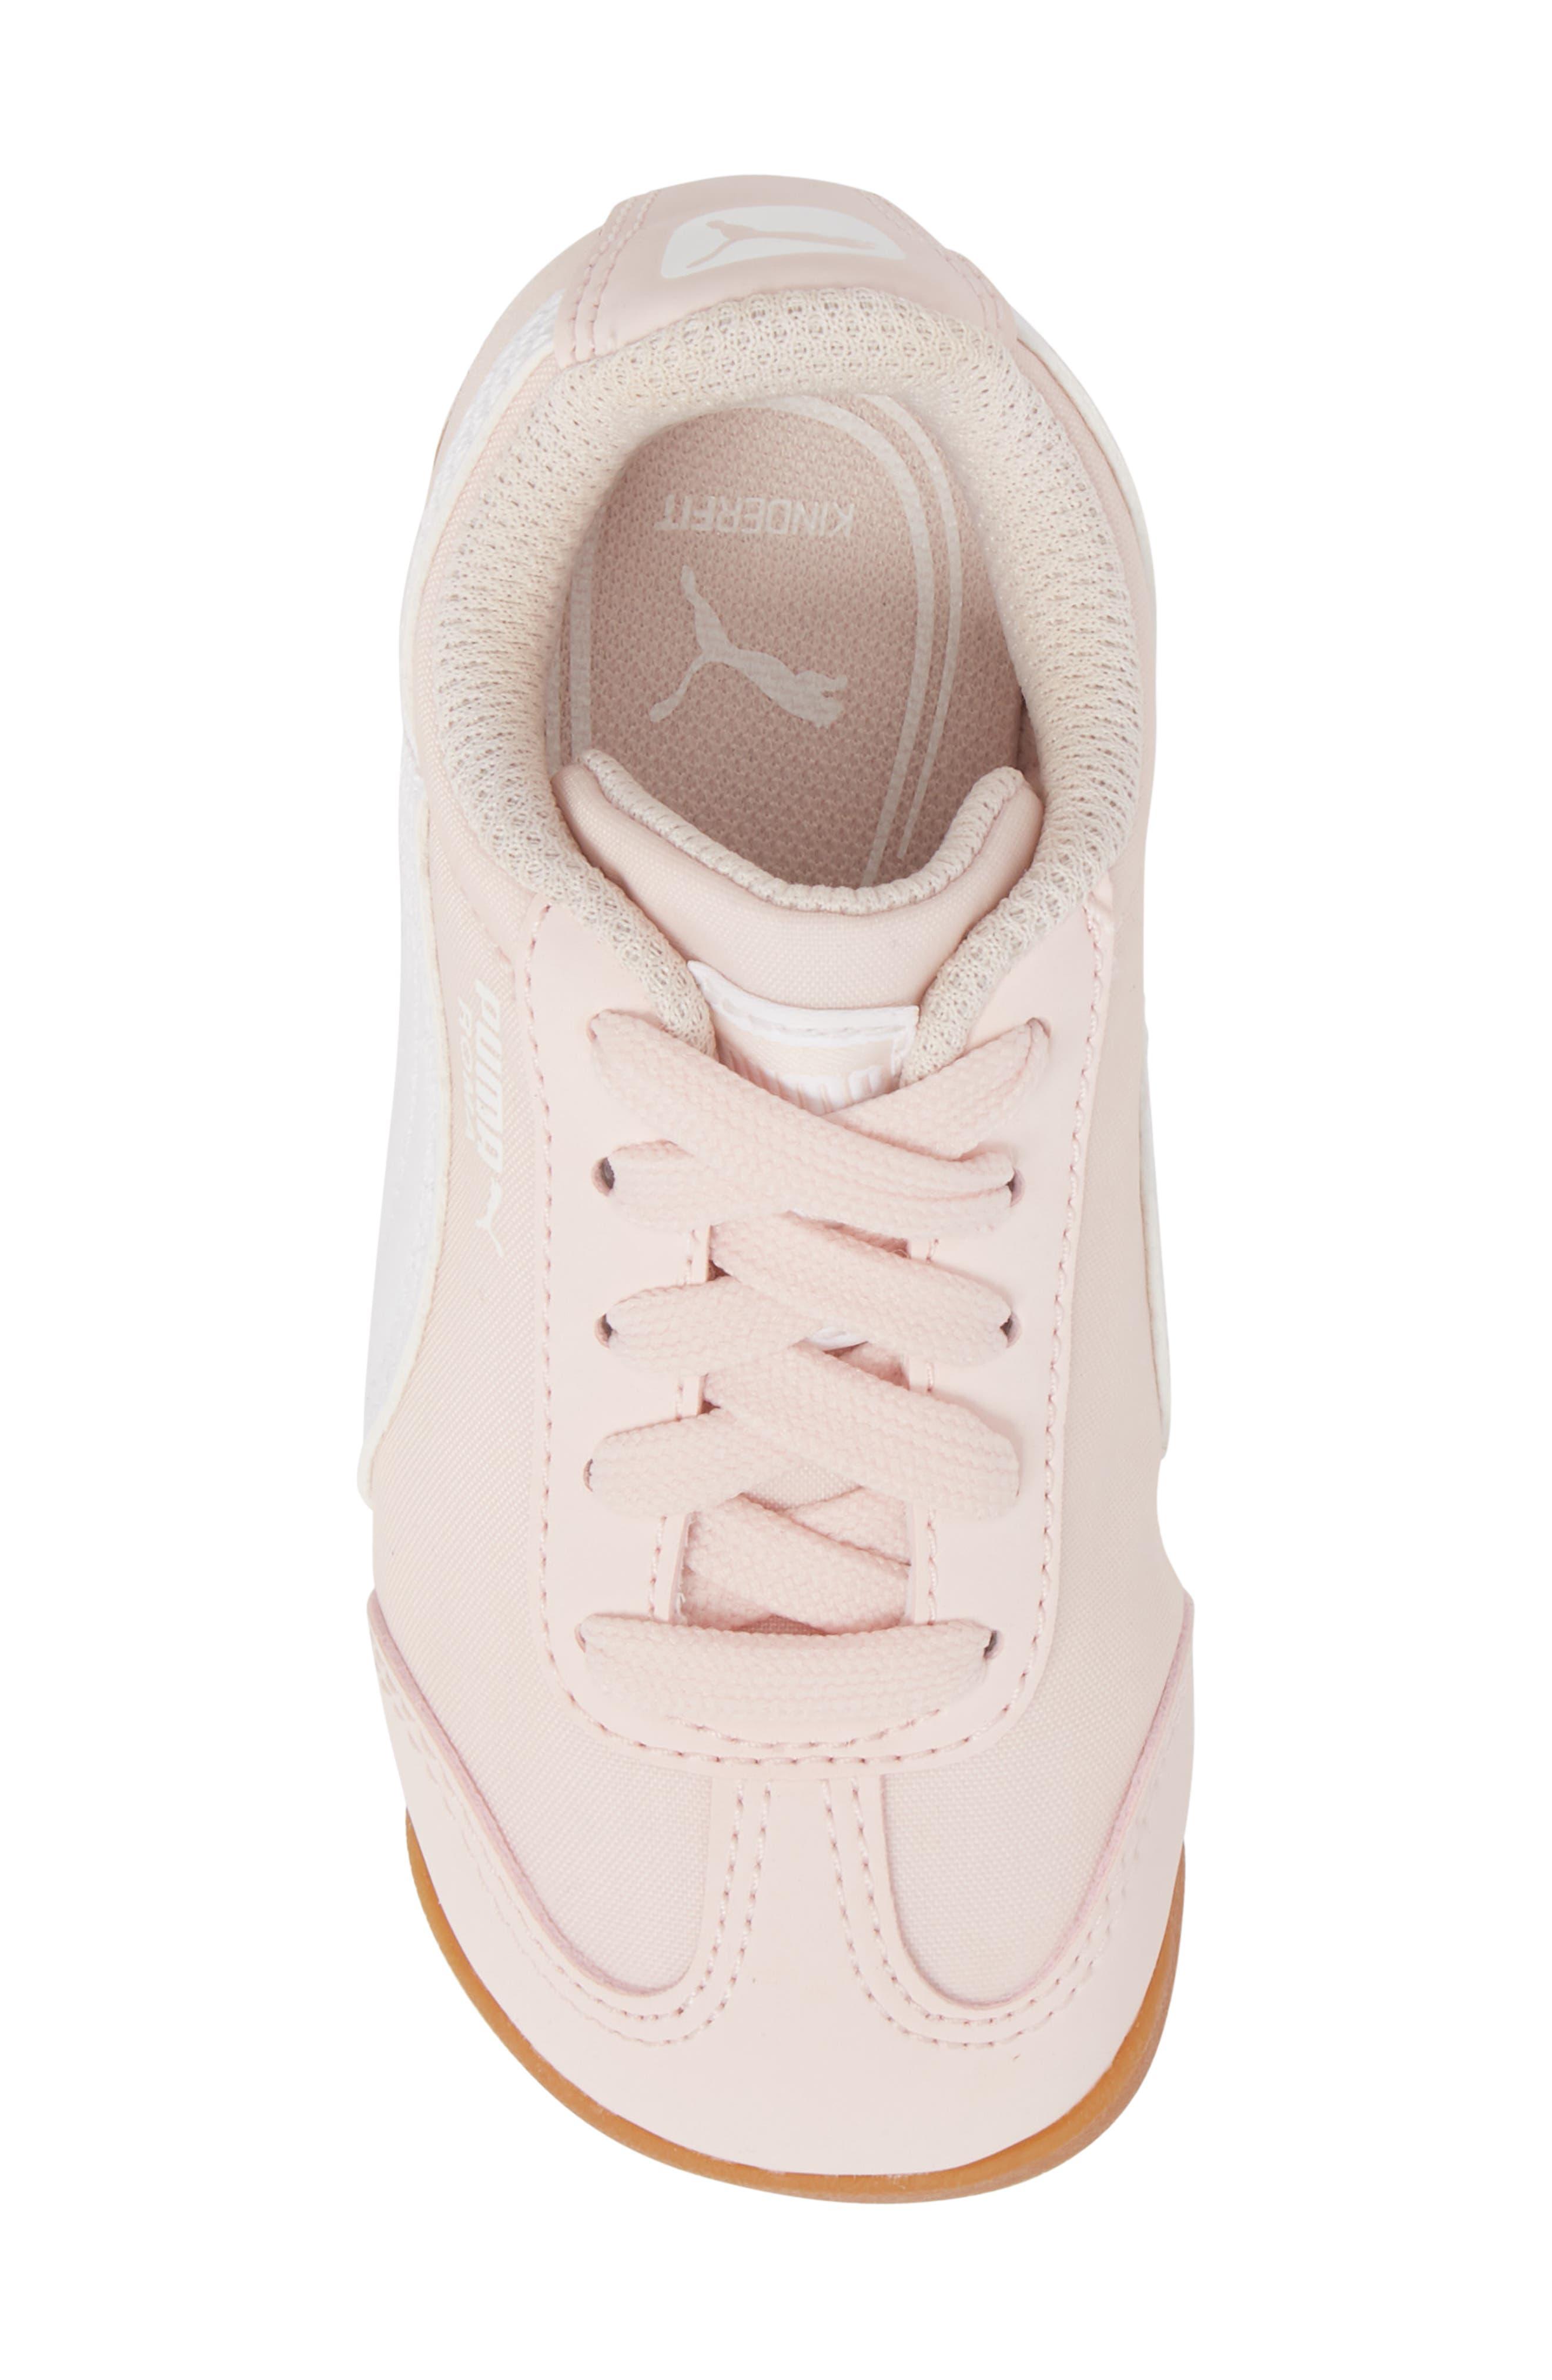 Roma Basic Summer Sneaker,                             Alternate thumbnail 5, color,                             Pearl/ White